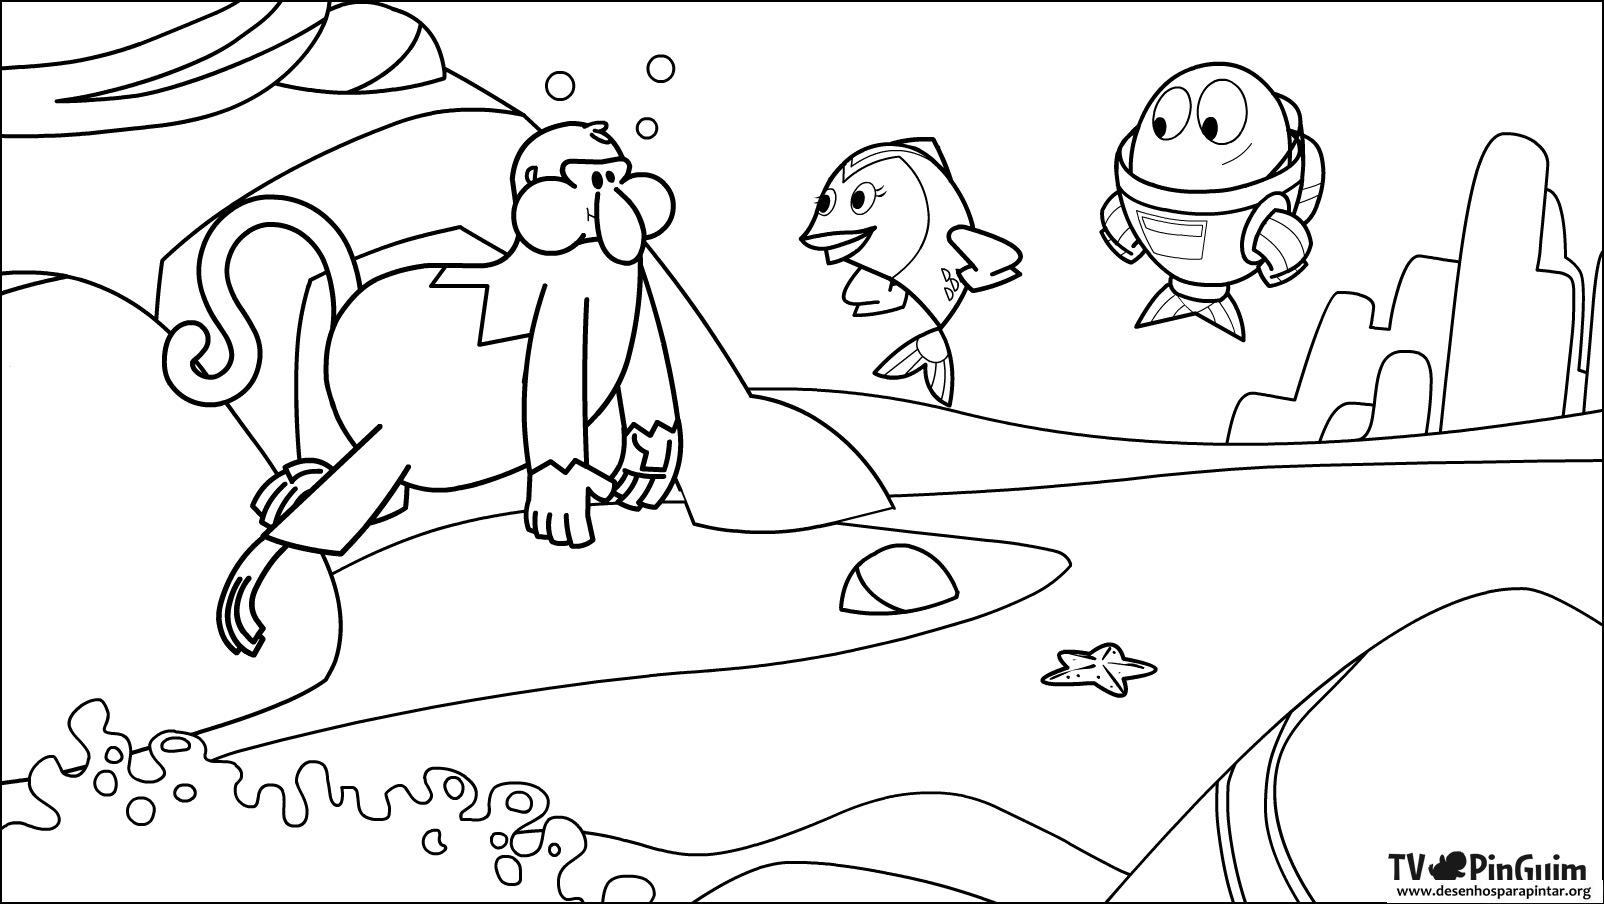 25 Desenhos Do Angry Birds Para Colorir Em Casa: Peixonauta Desenhos Para Colorir Pintar E Imprimir Do